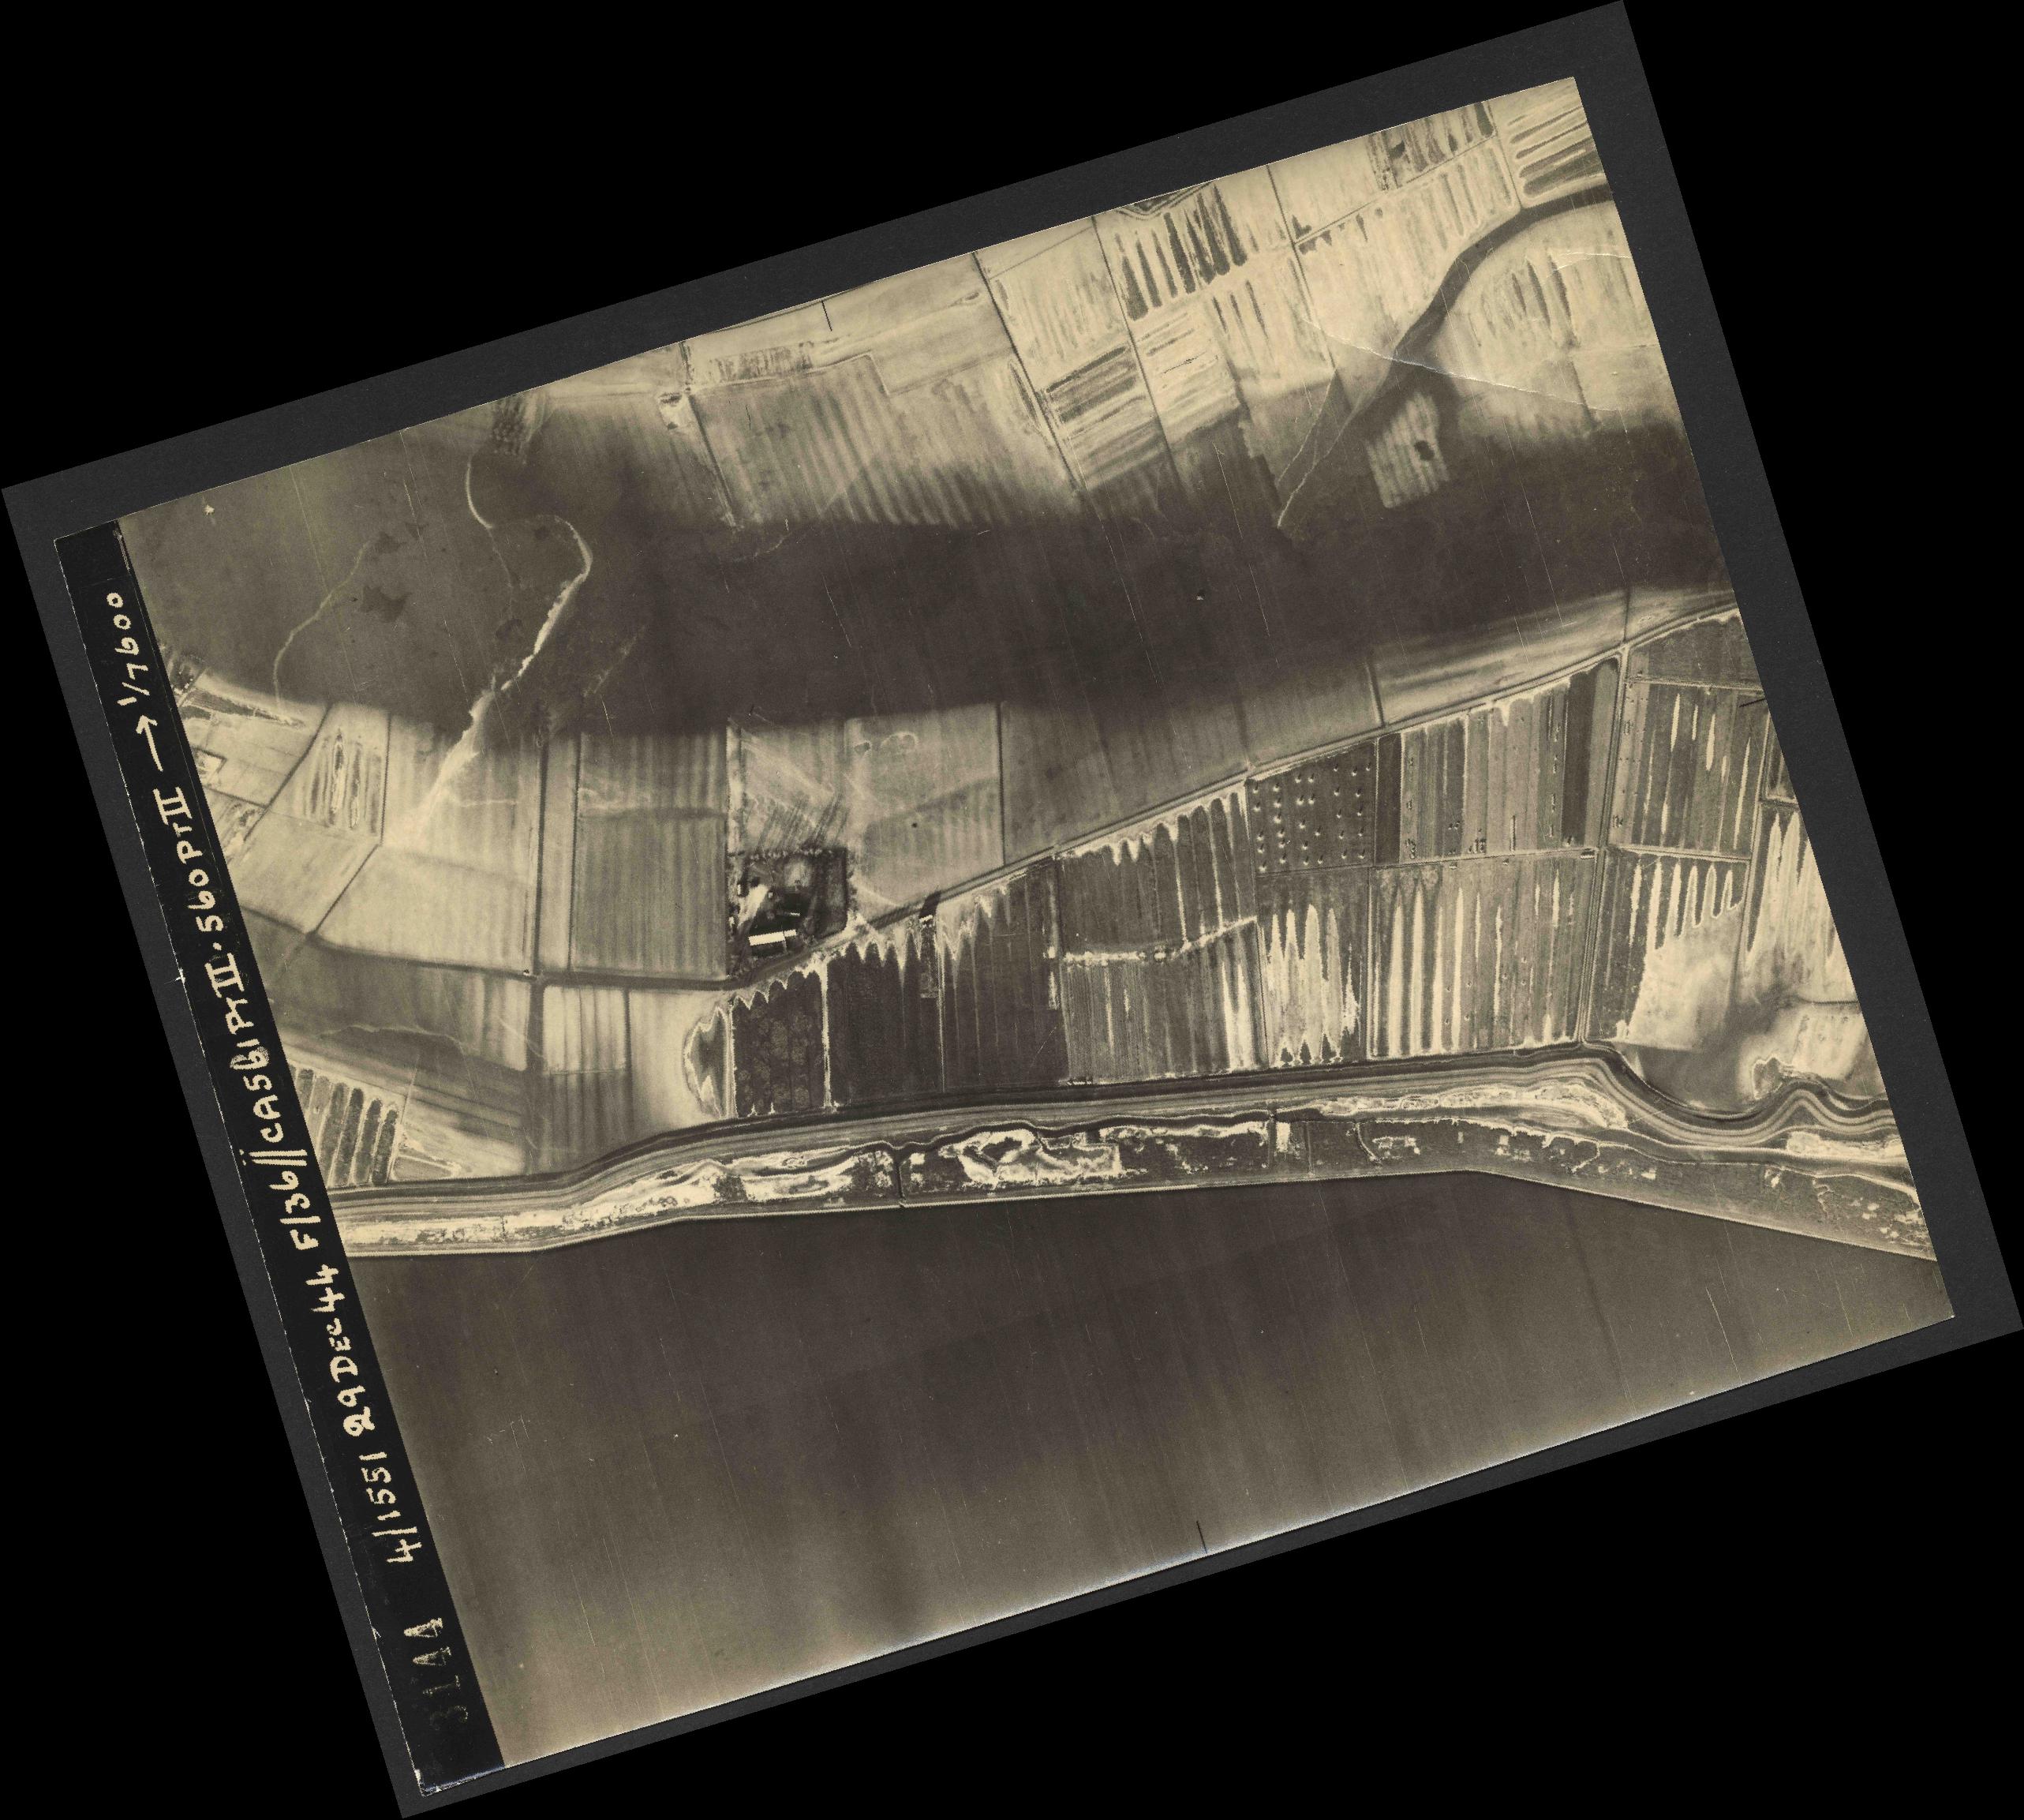 Collection RAF aerial photos 1940-1945 - flight 092, run 15, photo 3144